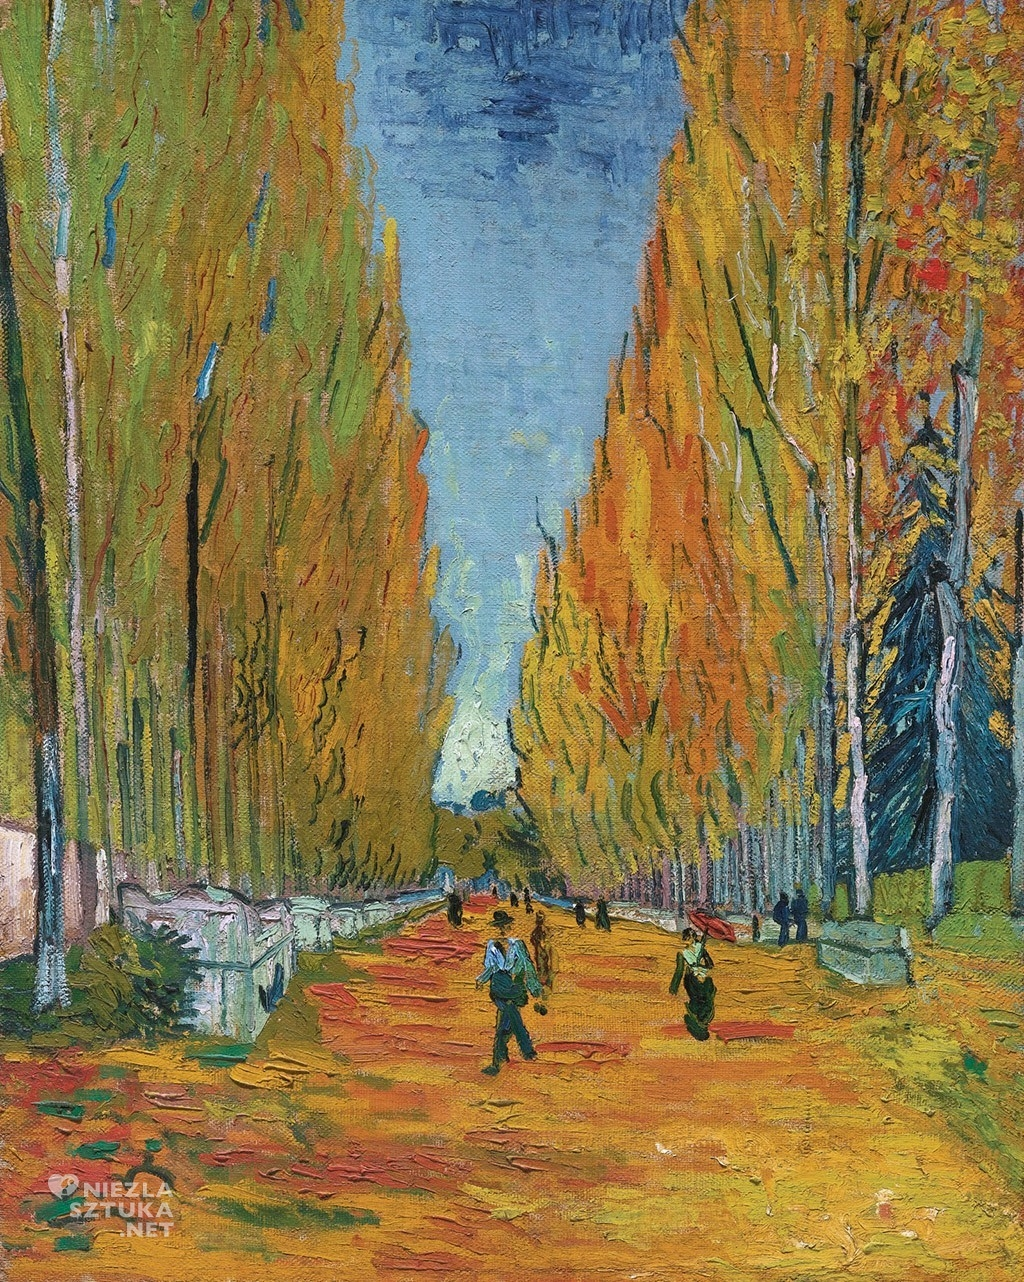 Vincent van Gogh, Les Alyscamps, malarstwo holenderskie, japonizm, Niezła Sztuka